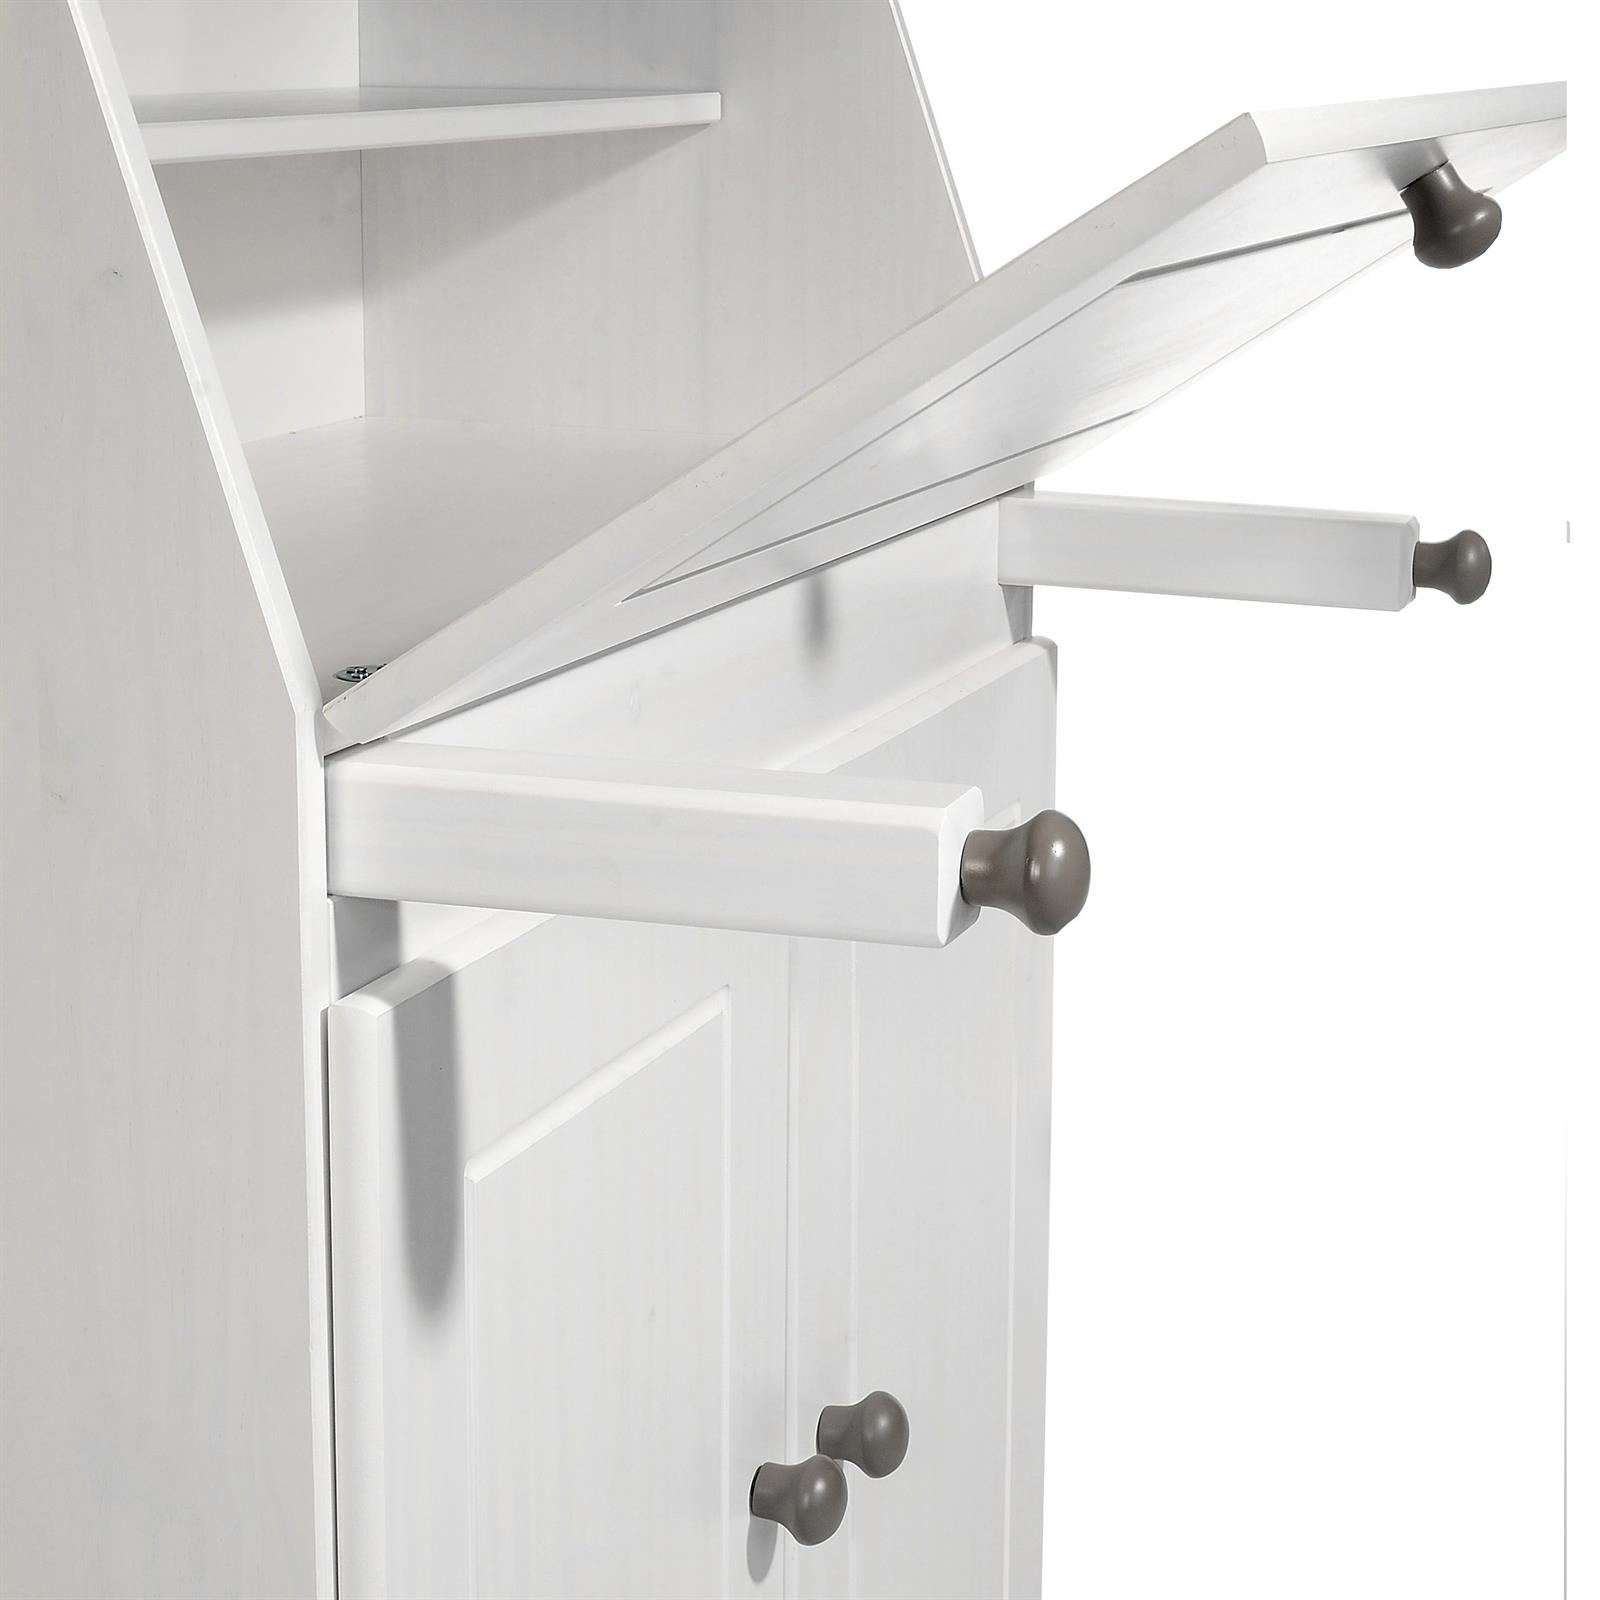 Wohnzimmer Sitzsack Chacos In Weiß Taupe: Sekretär Taupe/weiß